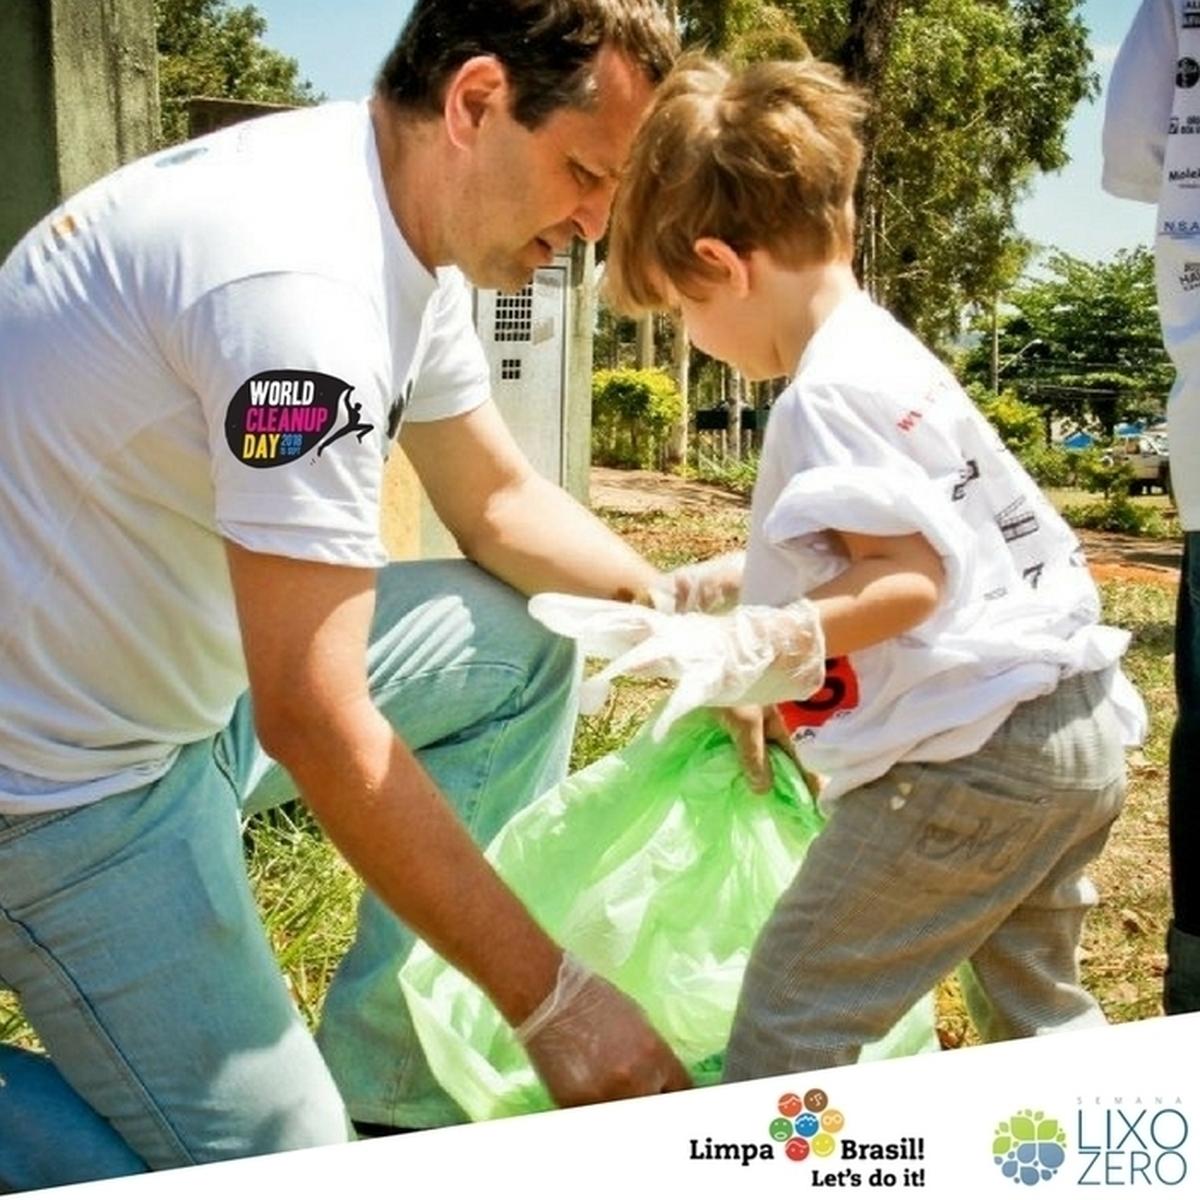 Clean Up Day World, na Semana Lixo Zero! Rio de Janeiro